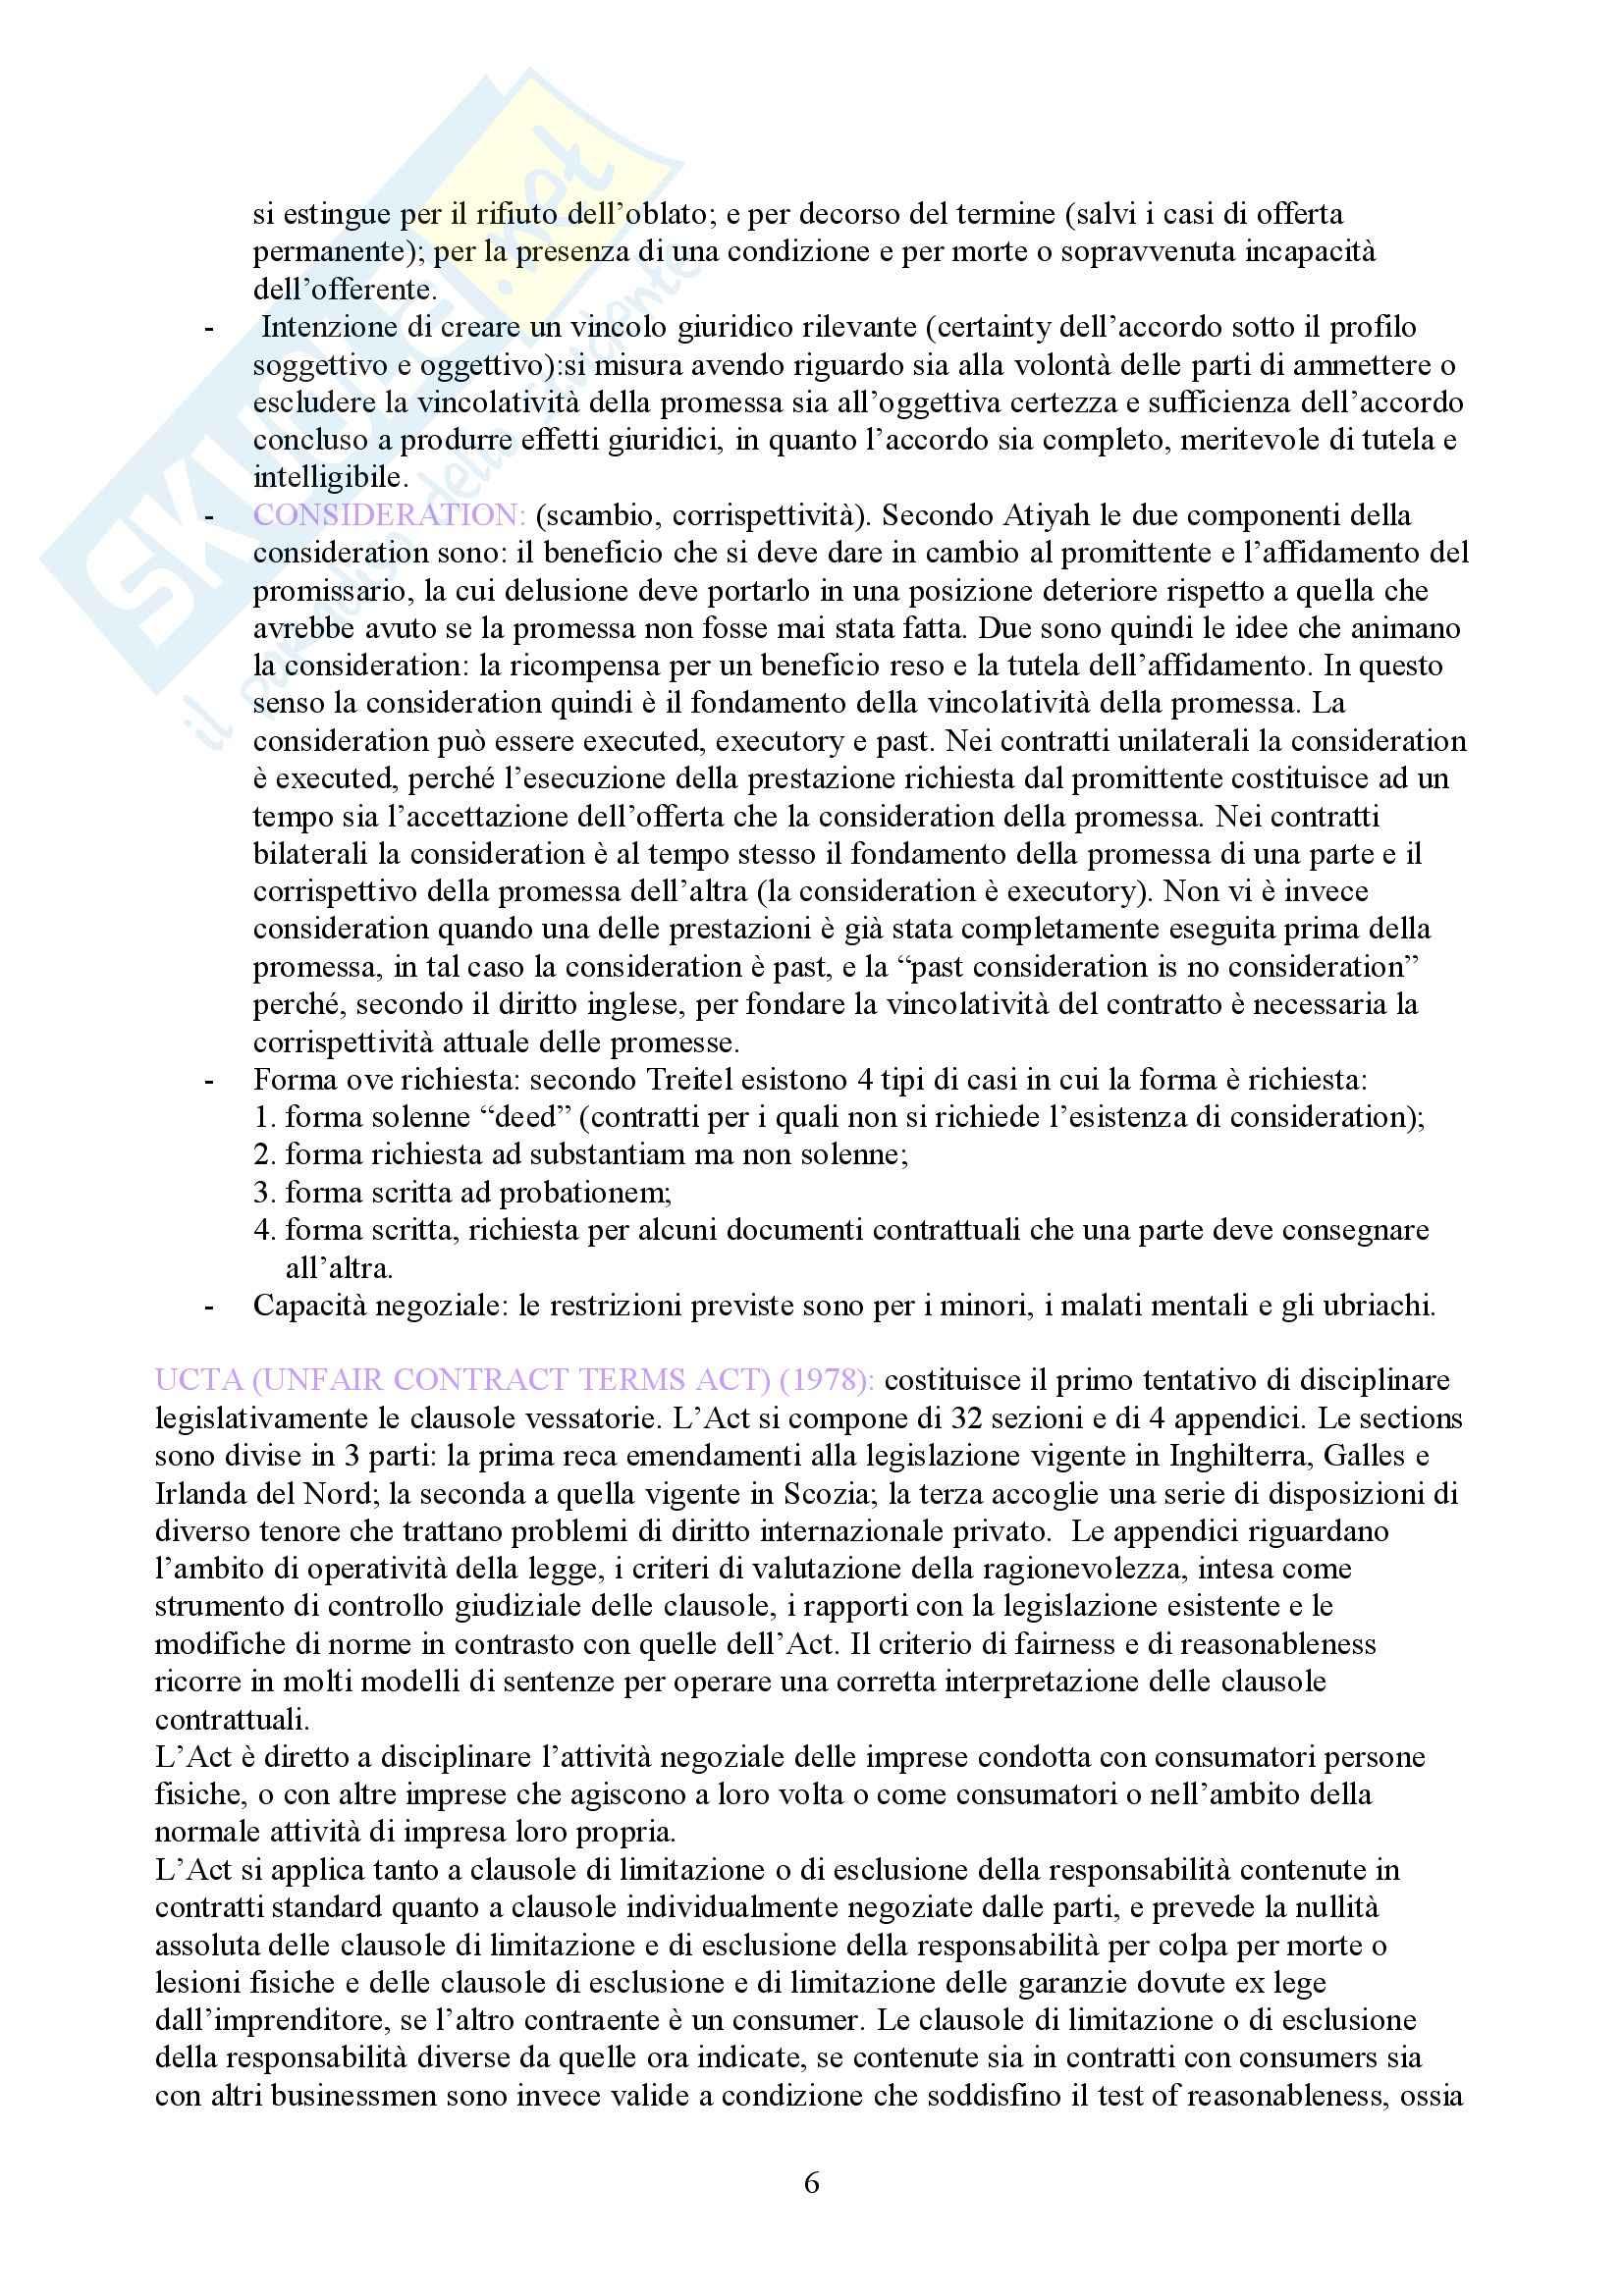 Diritto privato comparato - Domande Pag. 6